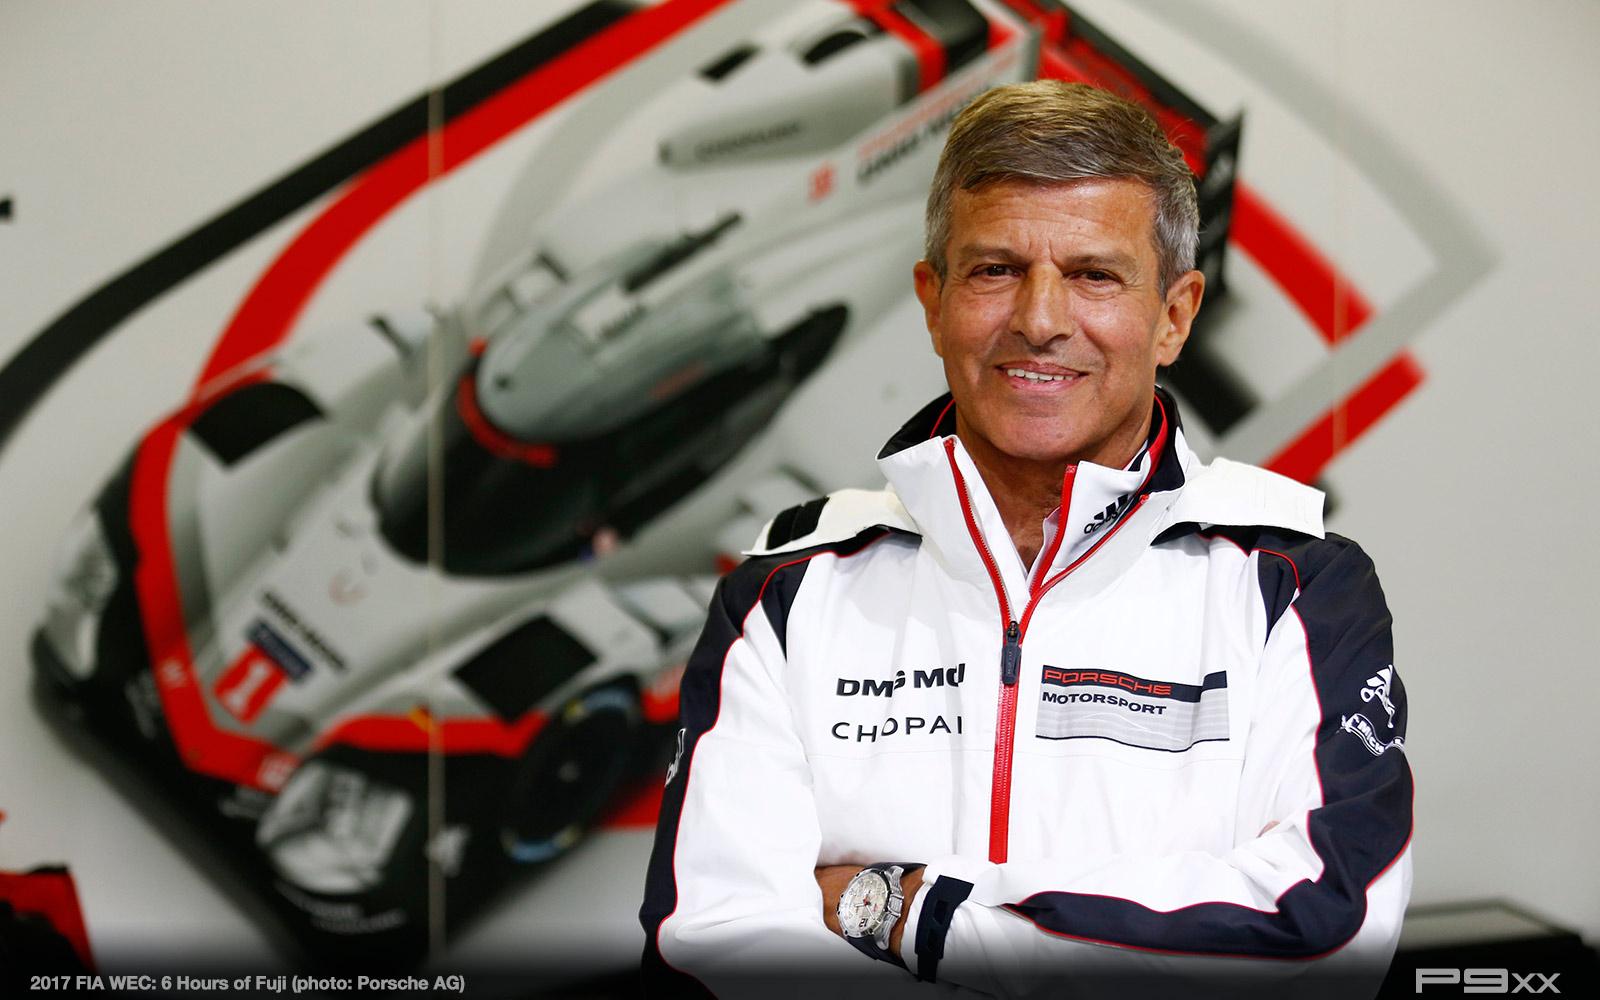 2017-FIA-WEC-6h-of-Fuji-Porsche-426